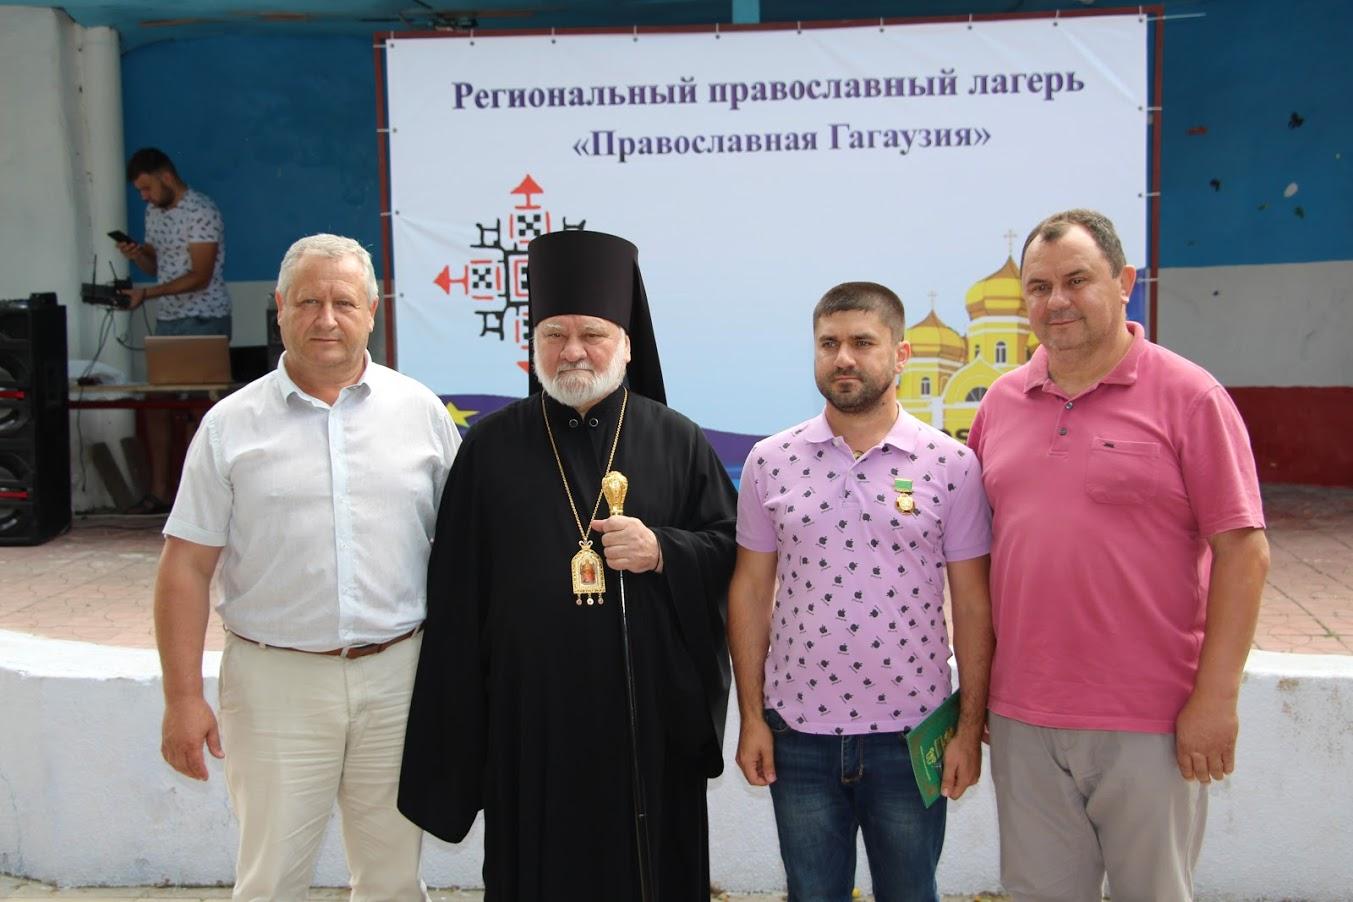 (ФОТО) Закрытие смены лагеря «Православная Гагаузия»